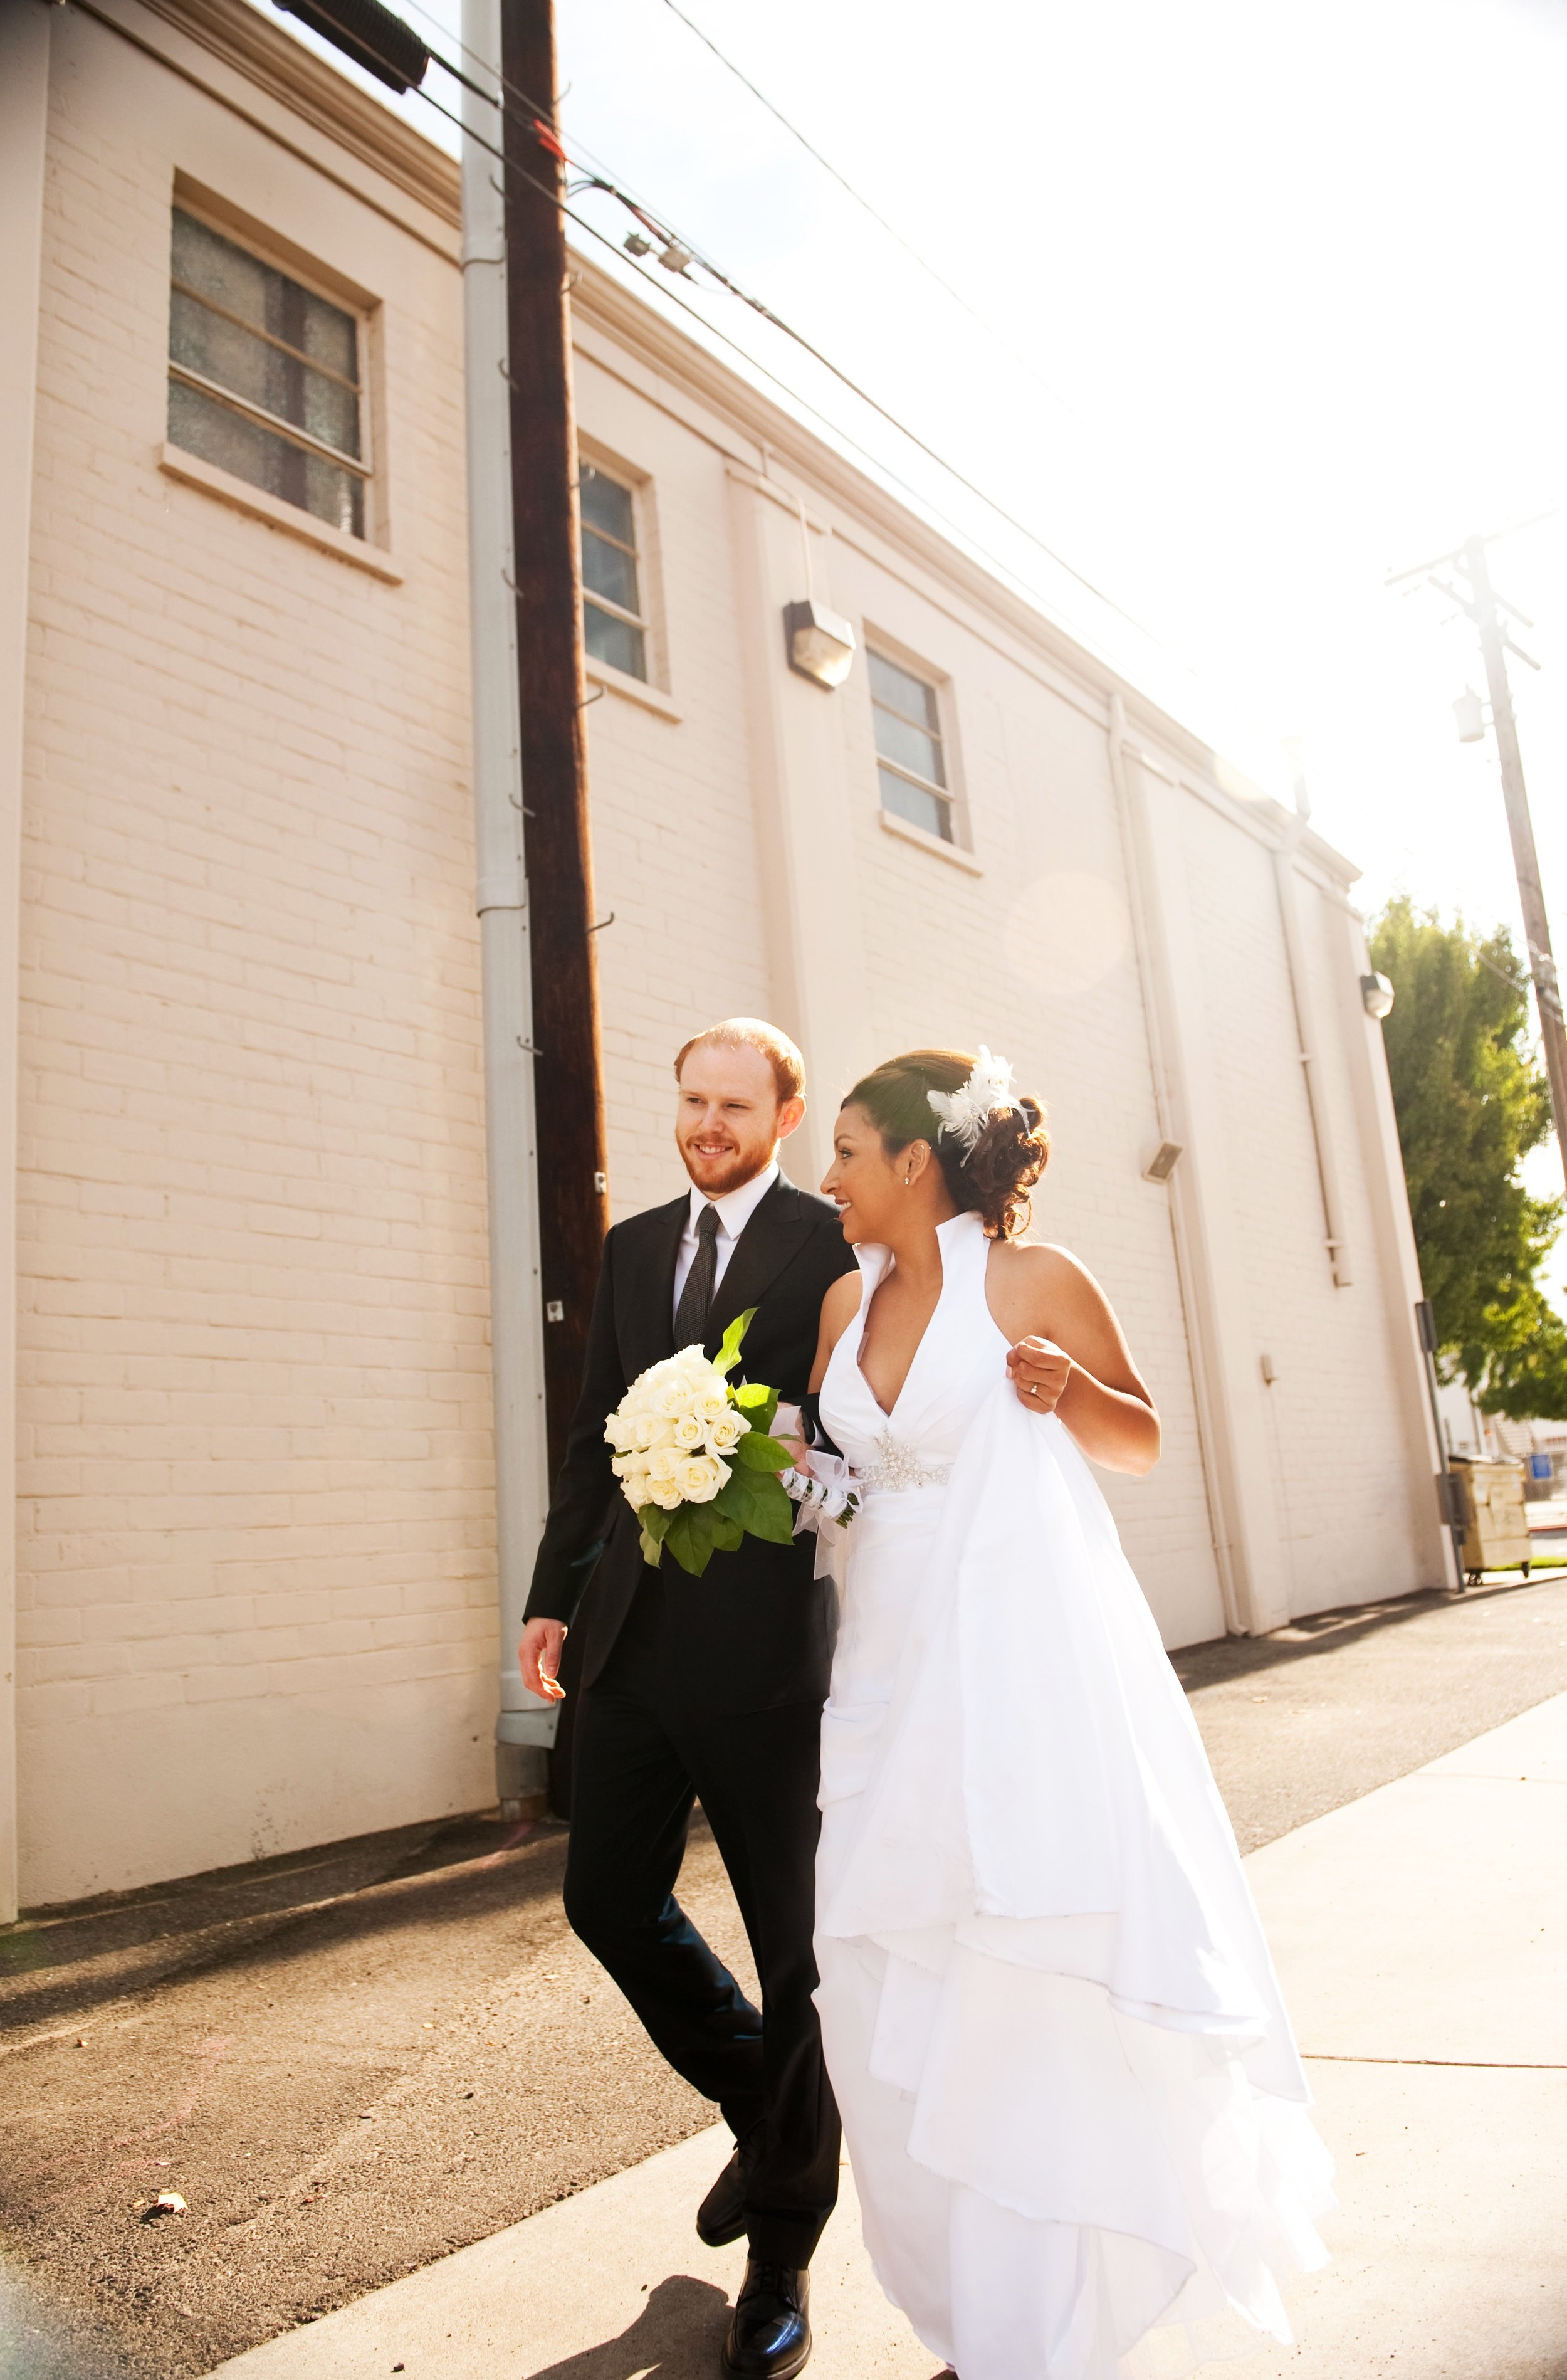 Modesto, California Wedding 2010. Crist- Garcia. Wedding dress with a collar.